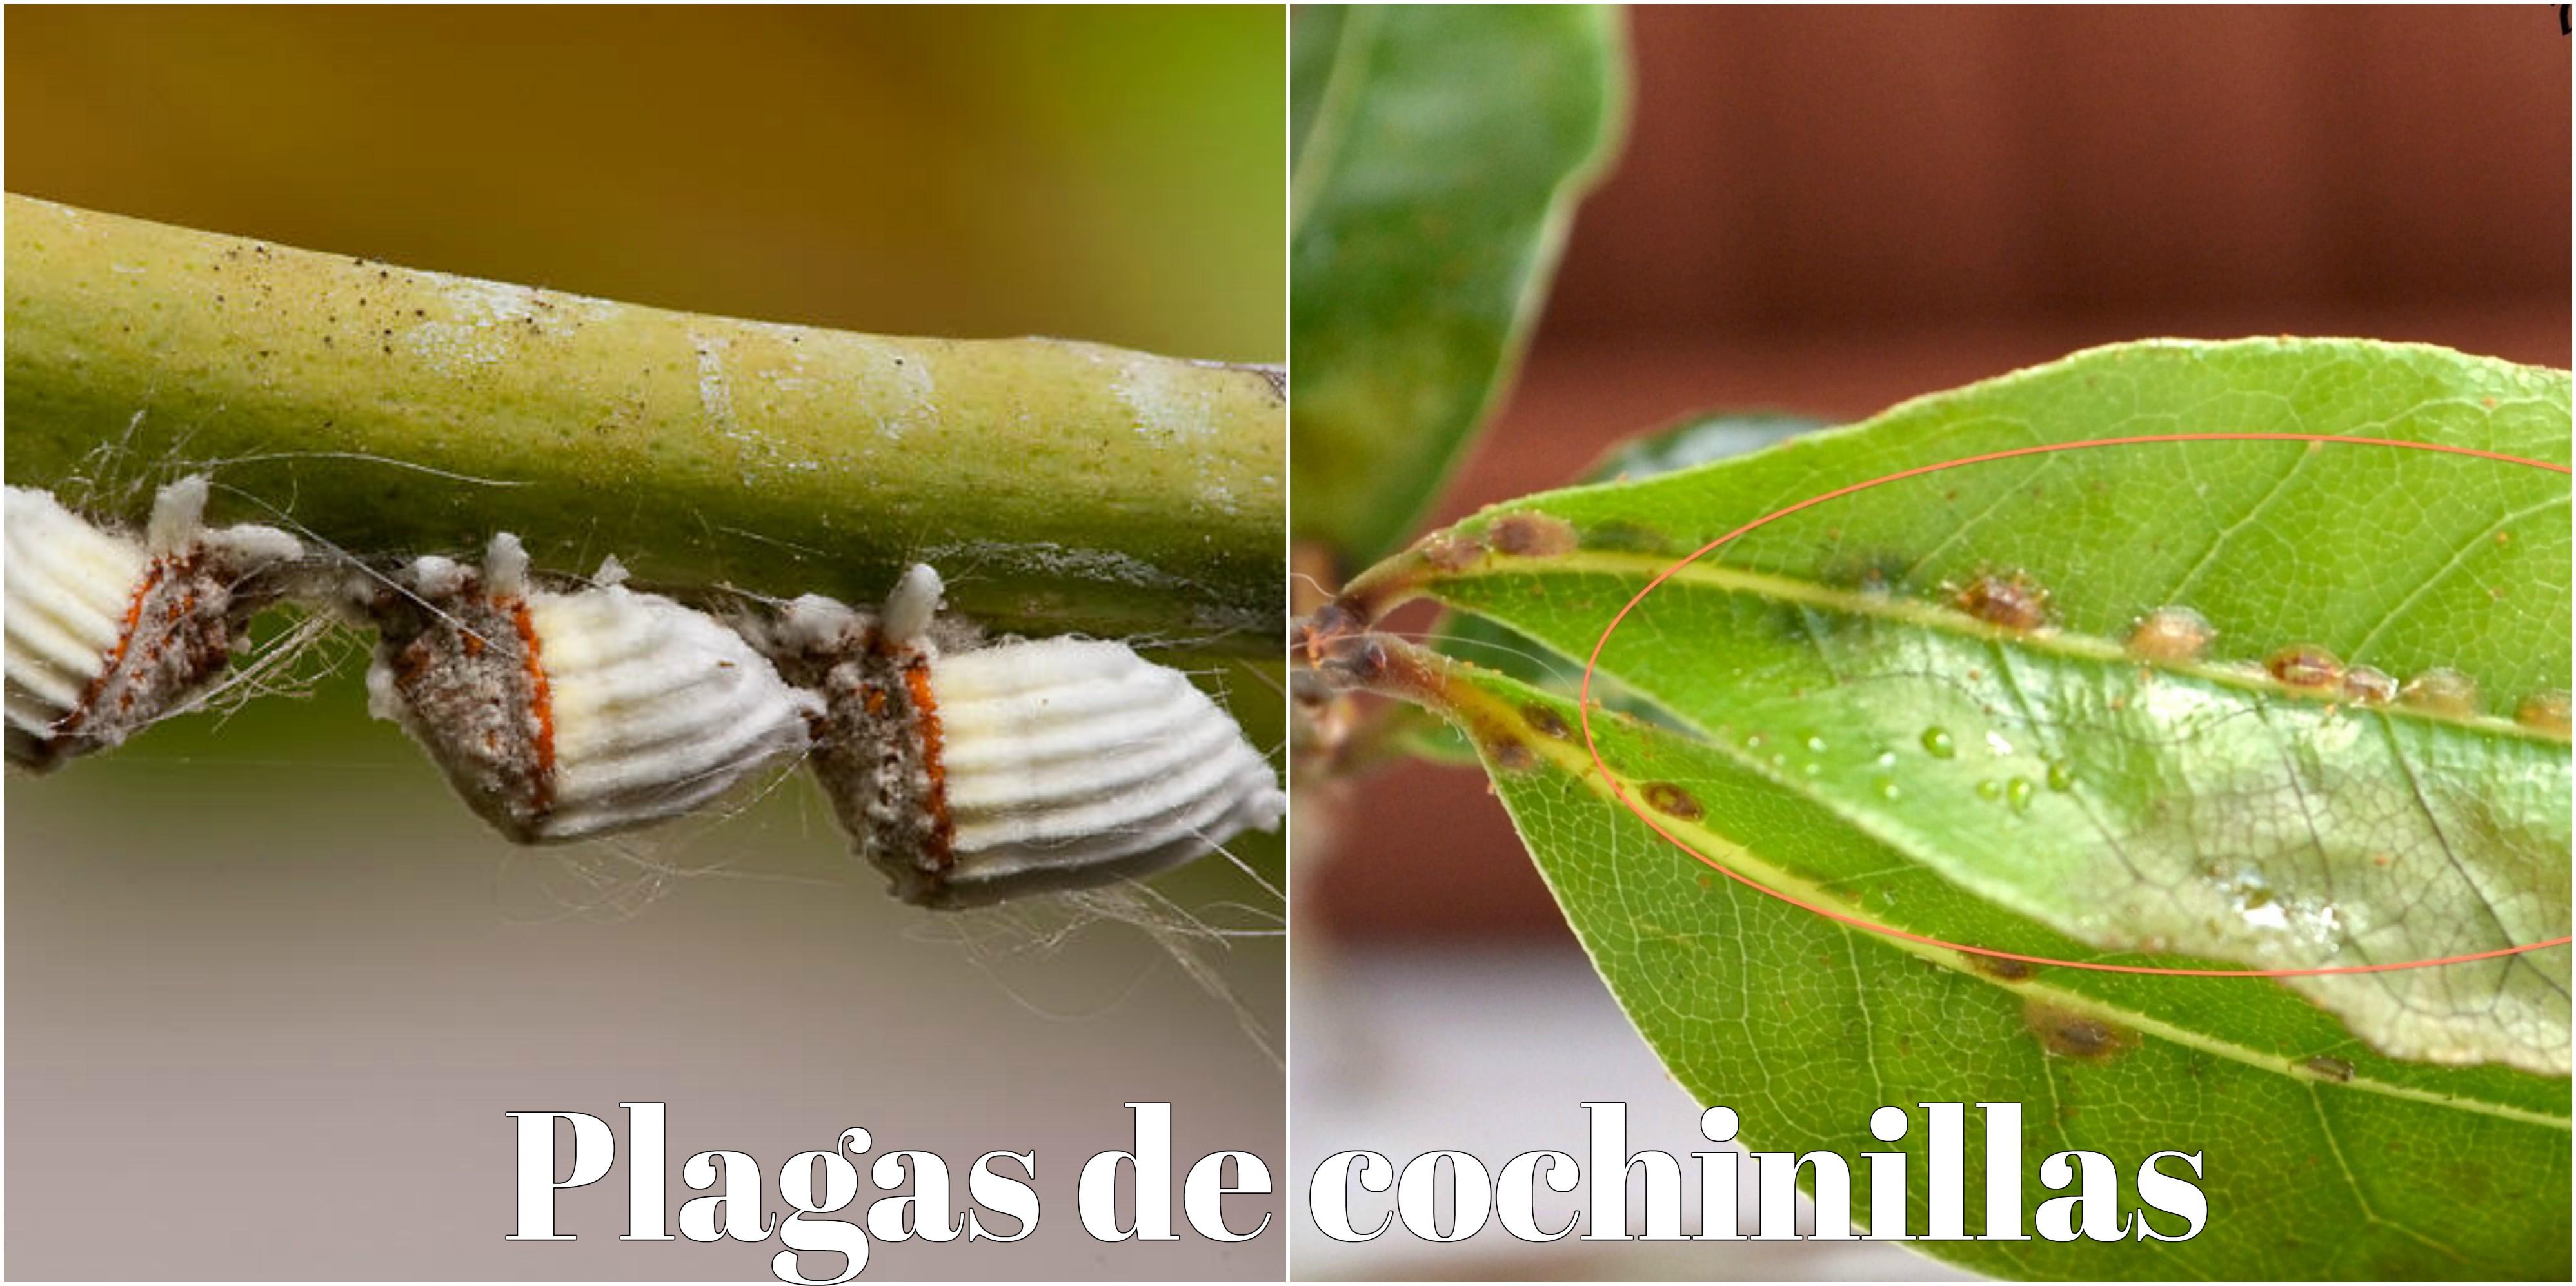 Conozca las 3 plagas m s comunes en jardines y elim nelas for Control de plagas badajoz